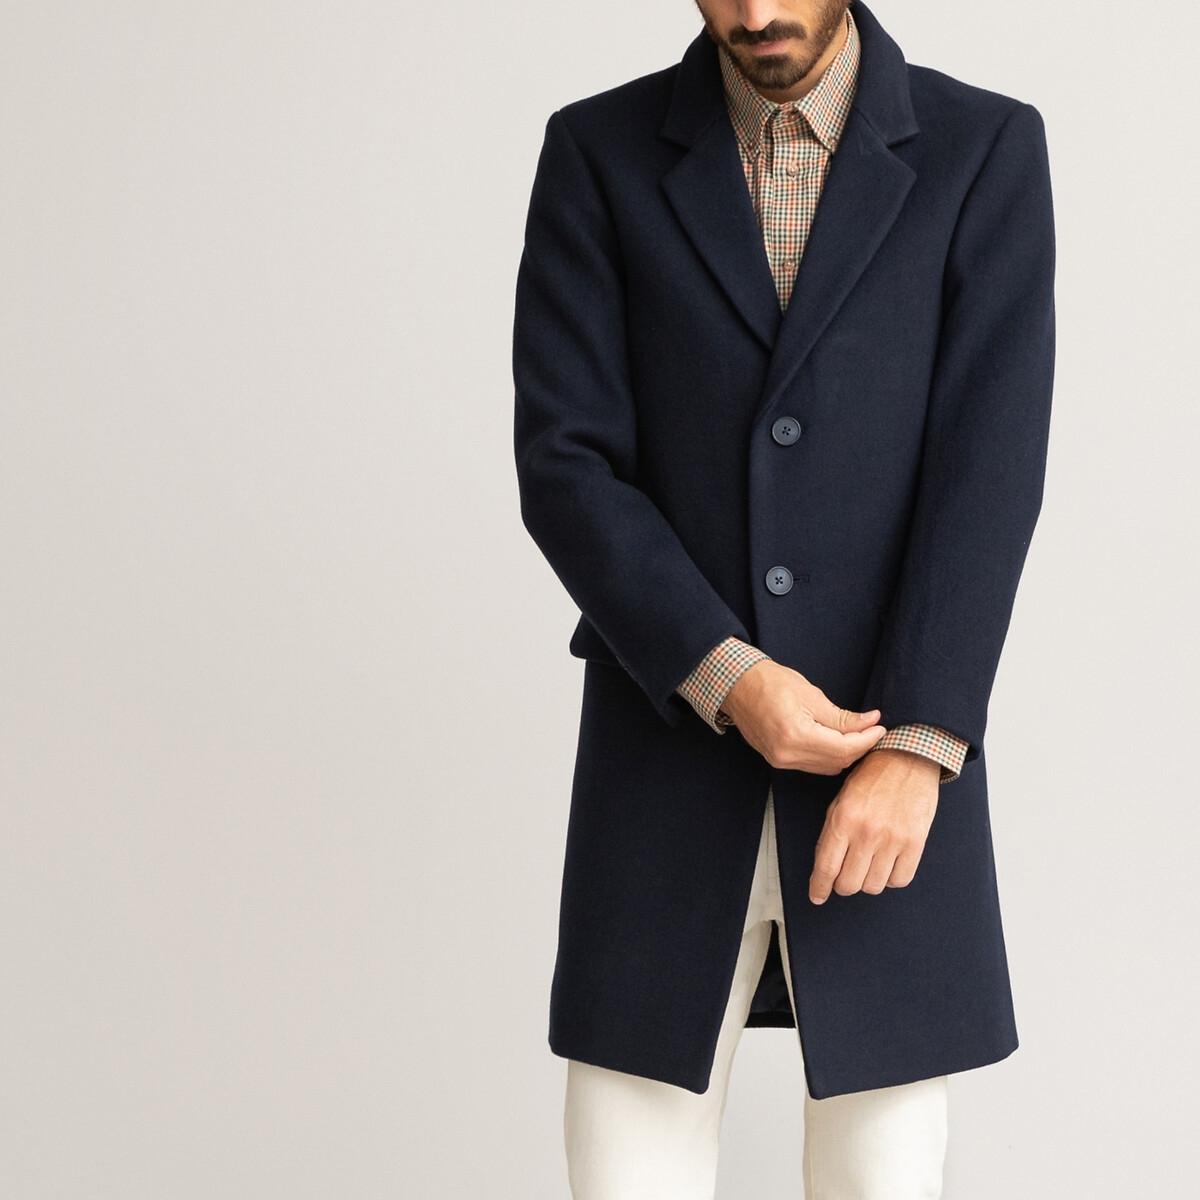 Пальто LaRedoute Средней длины с пиджачным воротником M синий